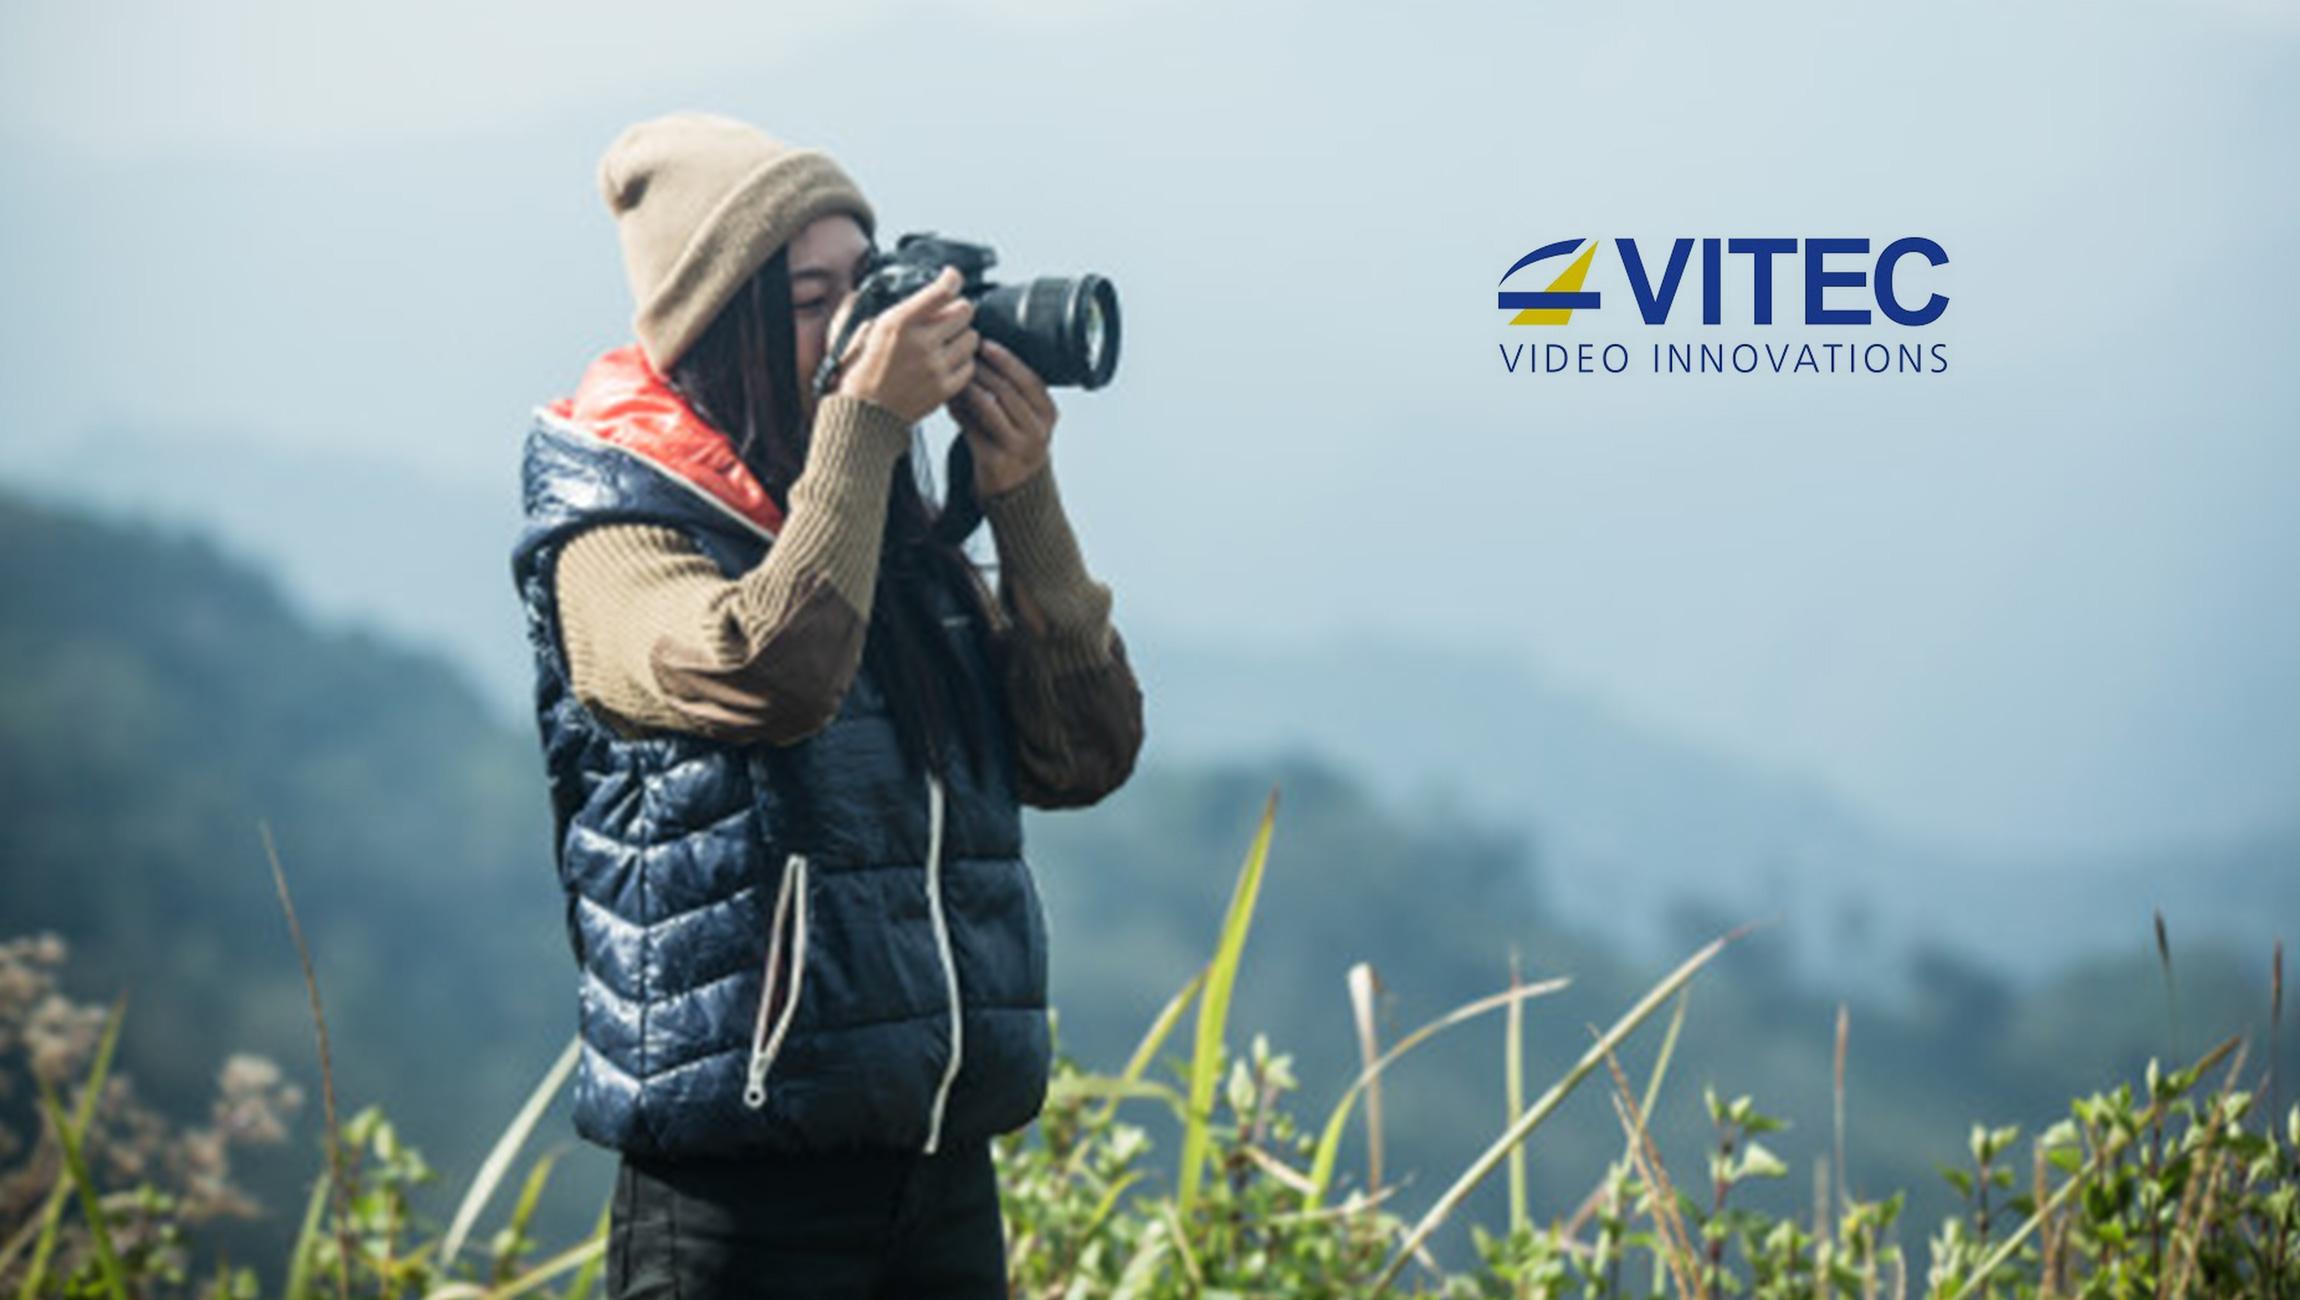 VITEC Acquires T-21 Technologies